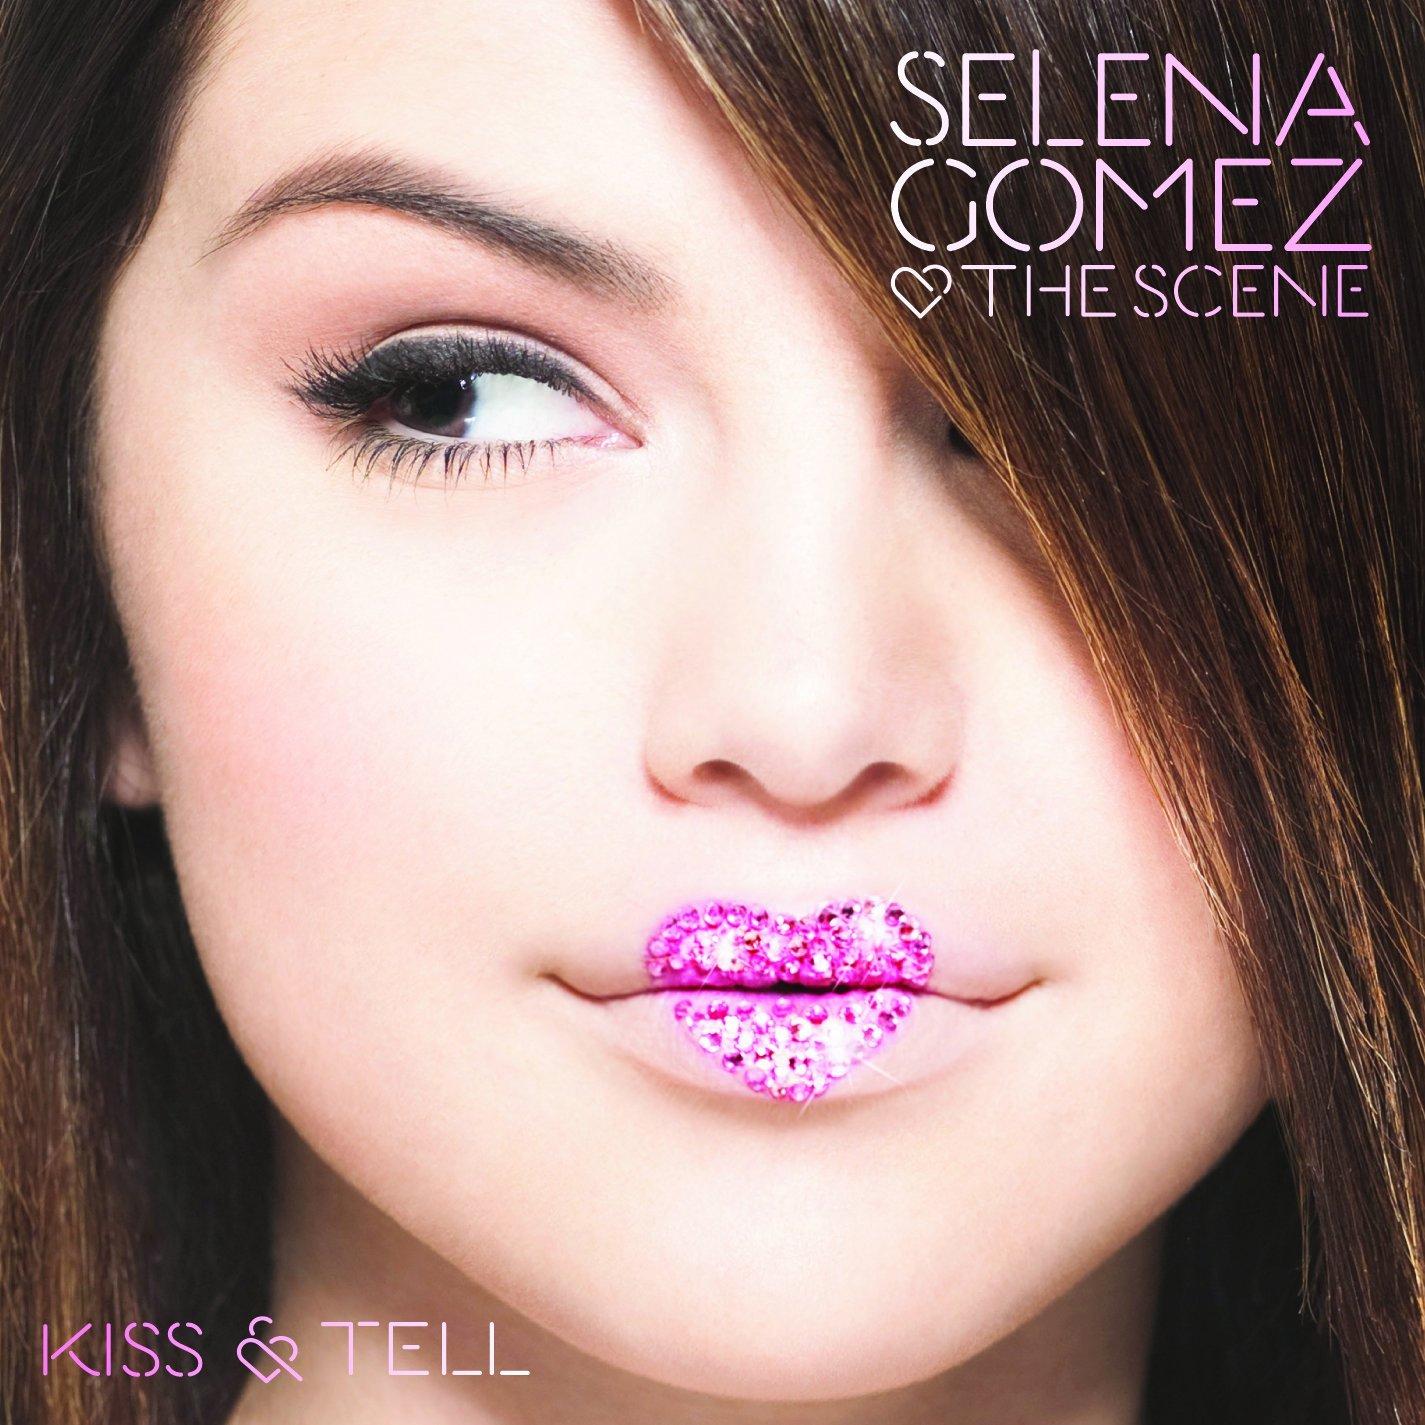 http://4.bp.blogspot.com/_6m1W8in3gg8/TLUGh7S1lUI/AAAAAAAABeg/3RimI59hfUQ/s1600/Kiss%2Band%2BTell%2BAlbum.jpg